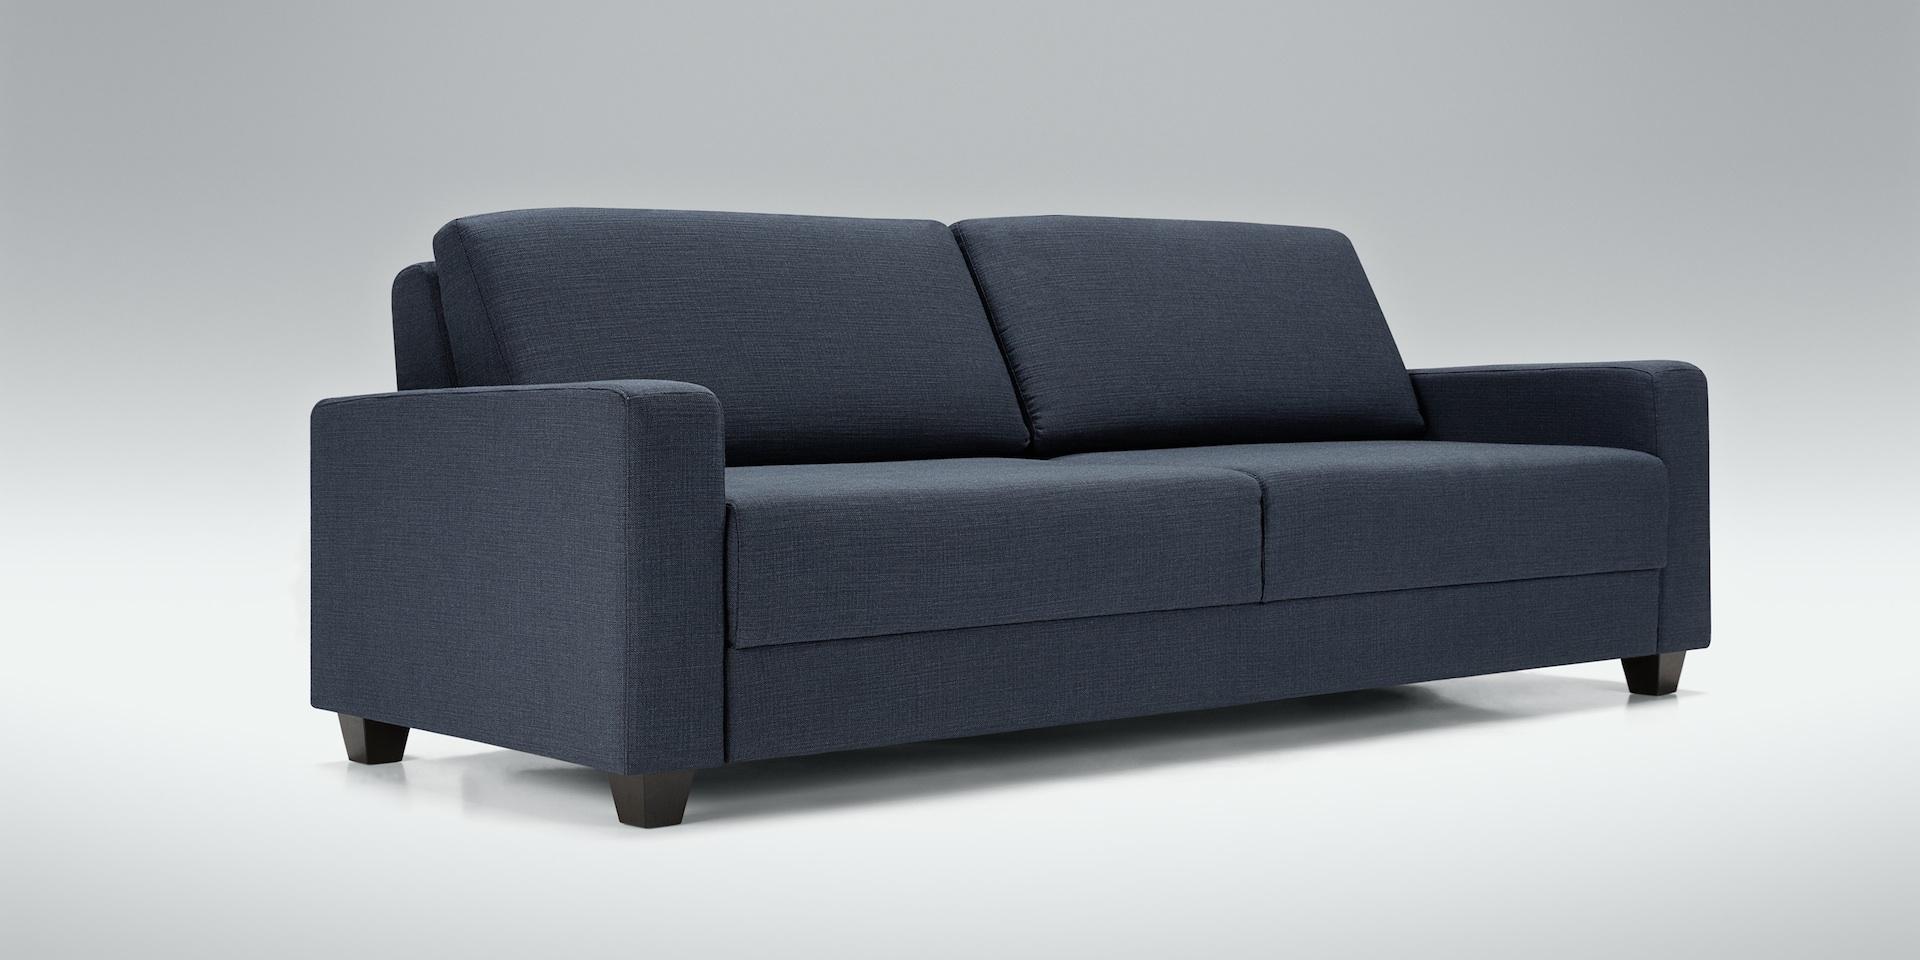 BARI_shadow_sofa_bed_bona9_dark_blue_2